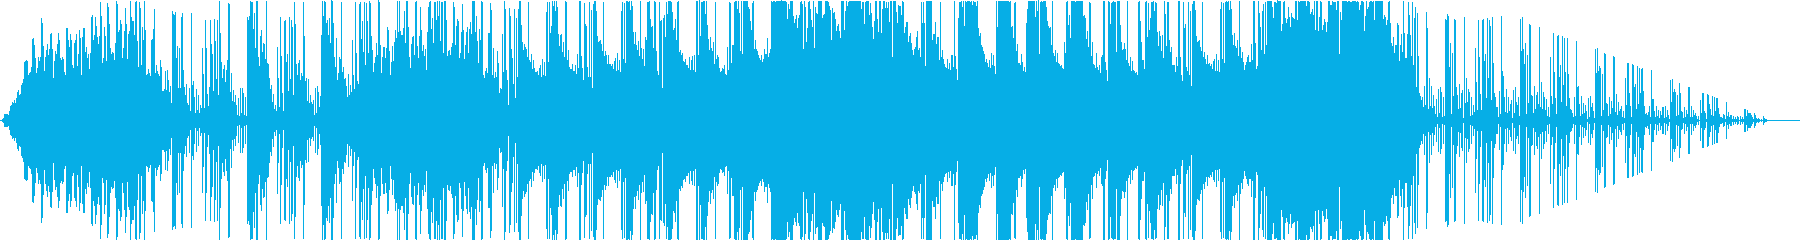 ピアノフォルテの雰囲気。リバースシンセの再生済みの波形